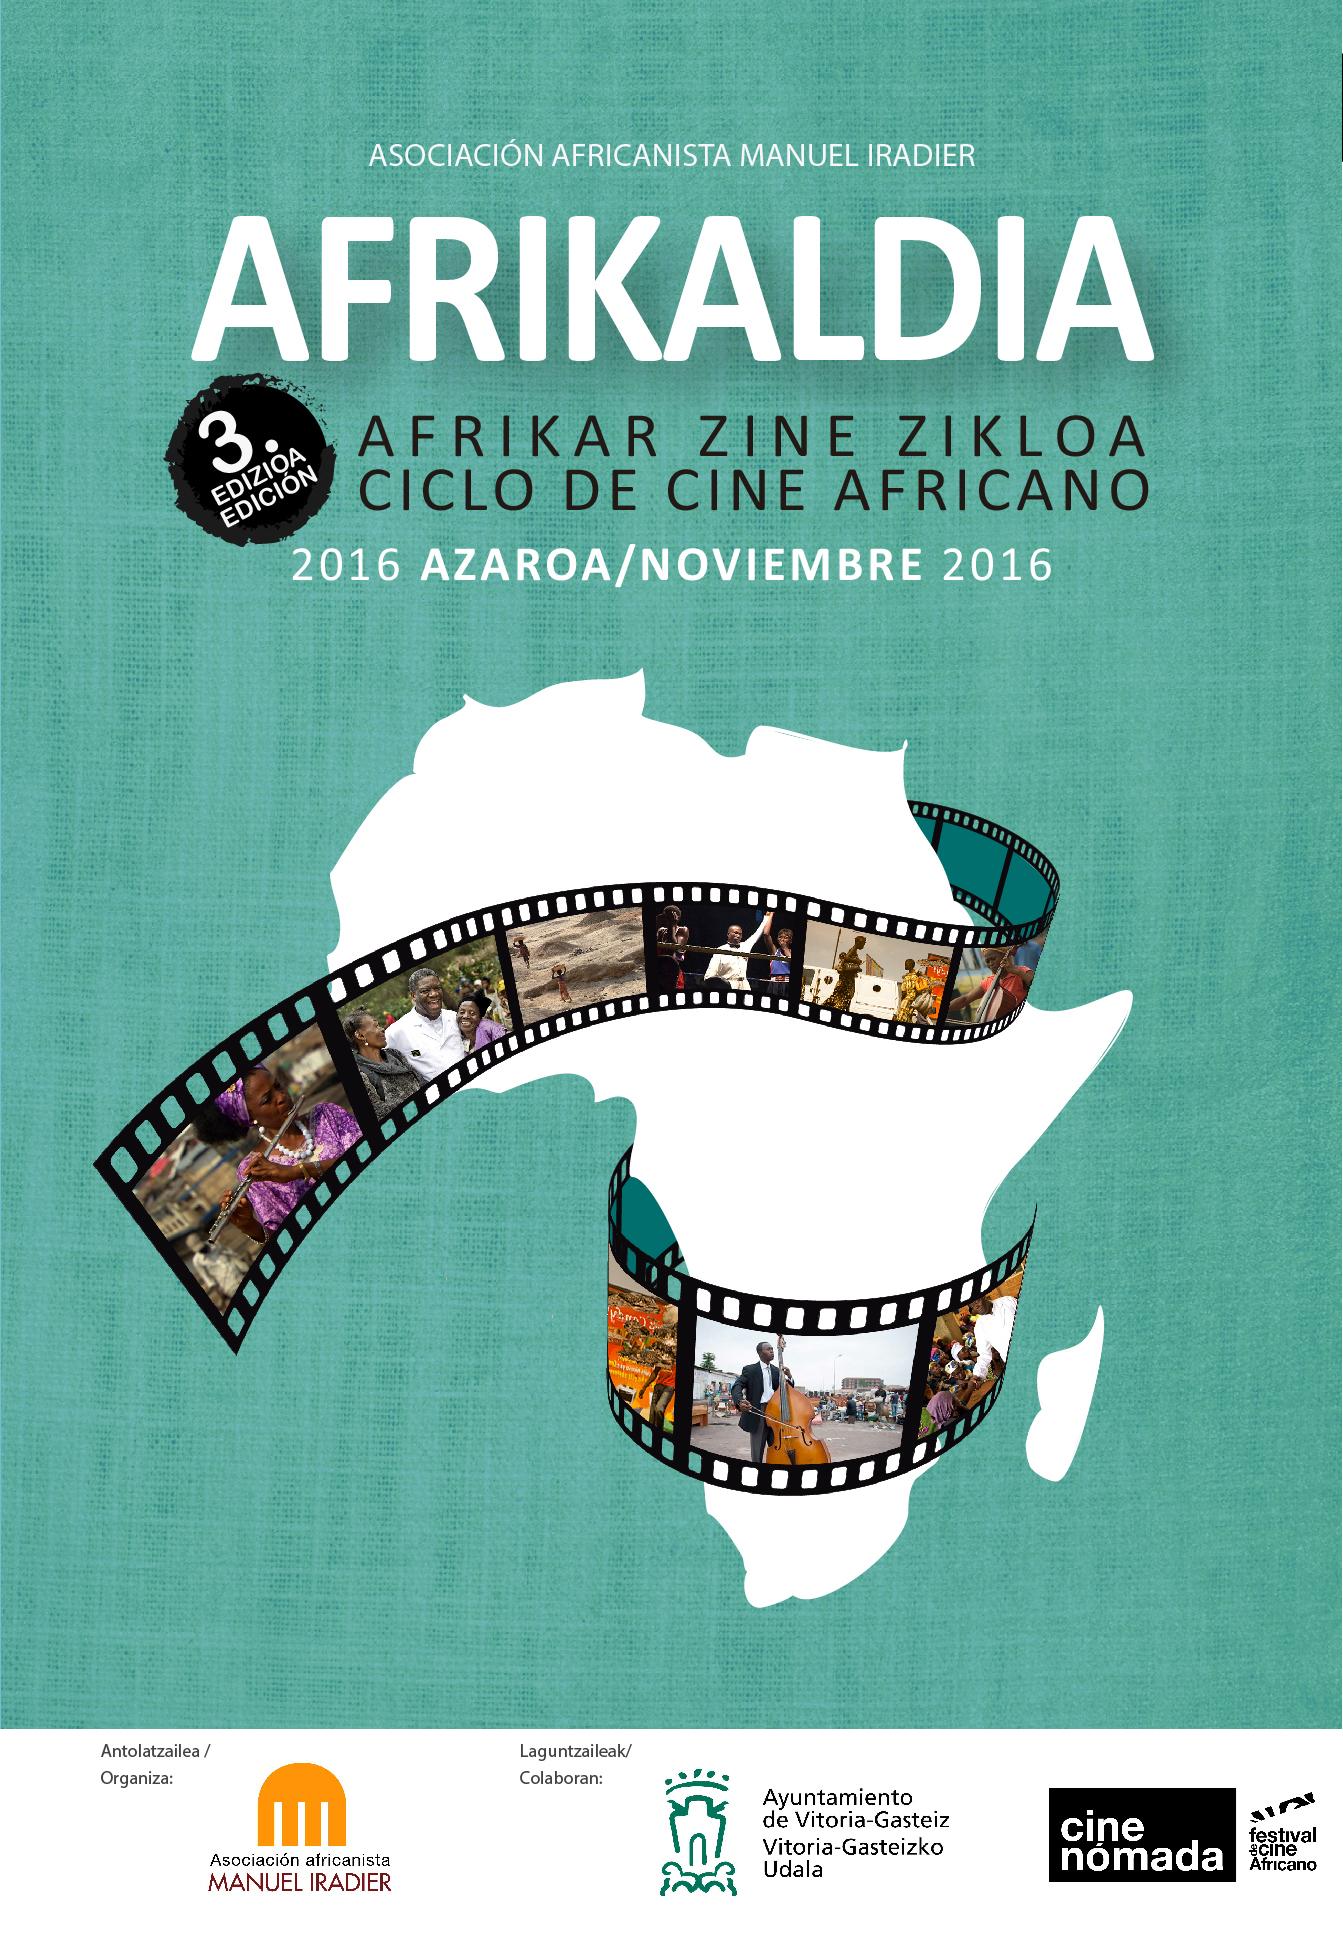 AFRIKALDIA III ciclo de cine africano